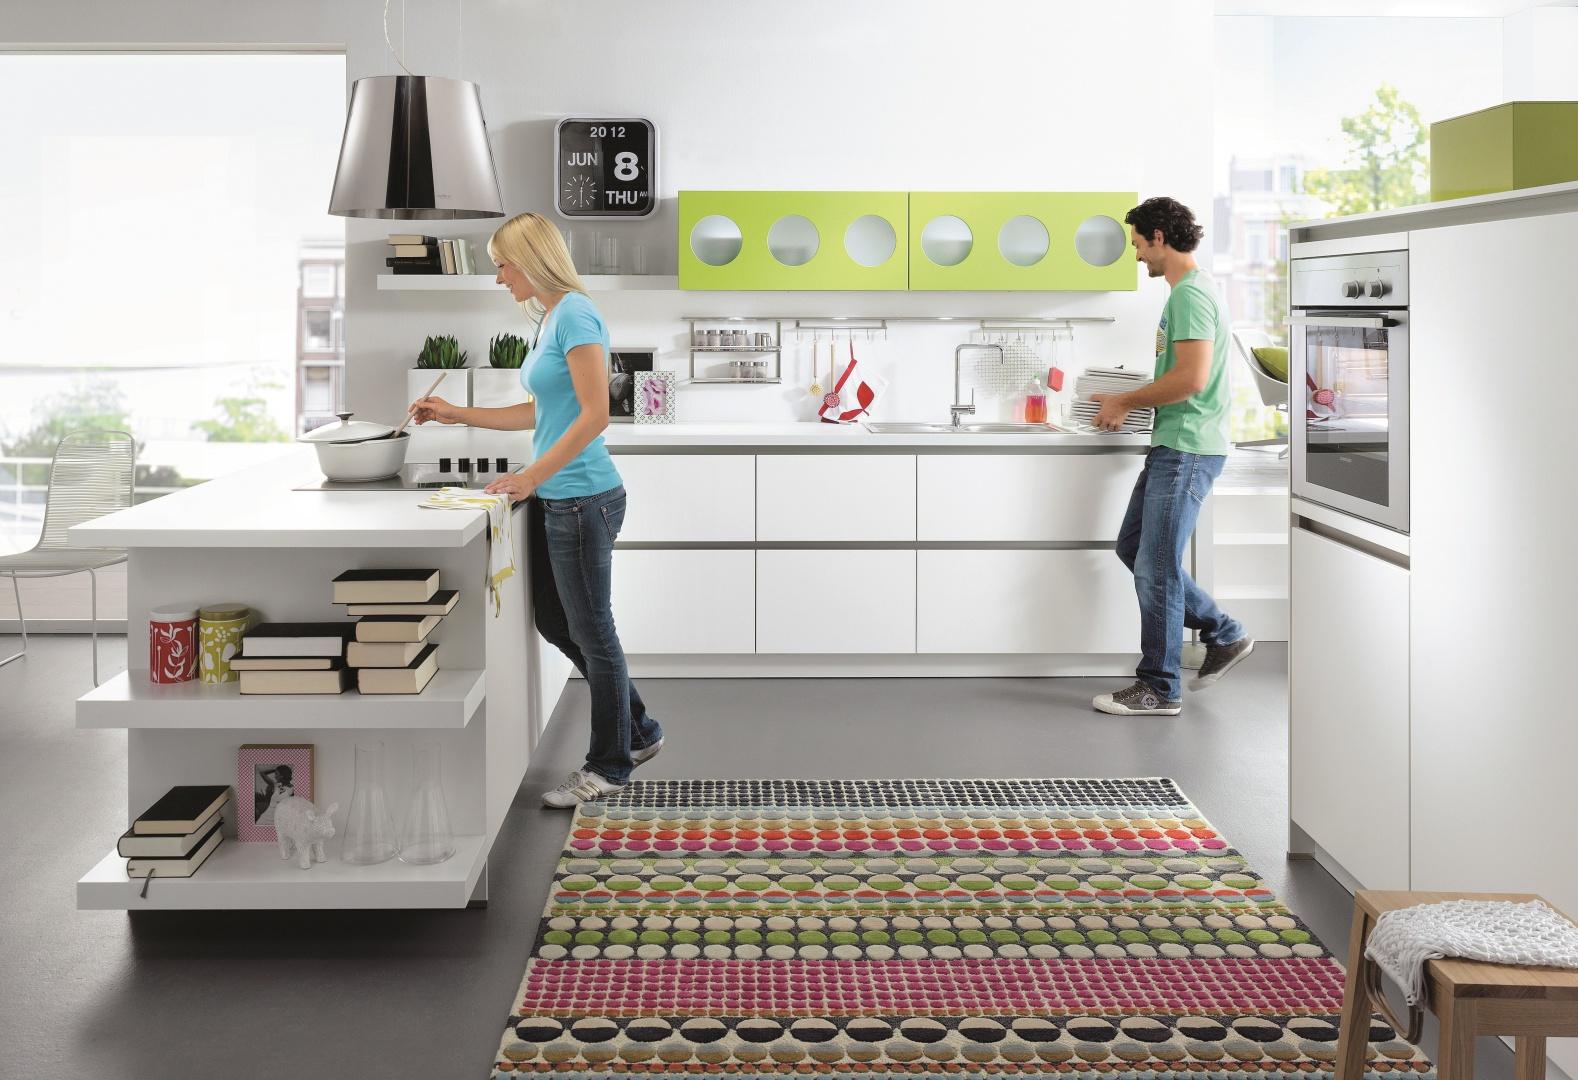 Białe fronty mebli ożywiają szafki wiszące w intensywnym, zielonym kolorem z oryginalnym wzorem. Takie zestawienie prezentuje się lekko i świeżo. Meble kuchenne Biella zprogramu Start firmy Schüller. Fot. Schüller.